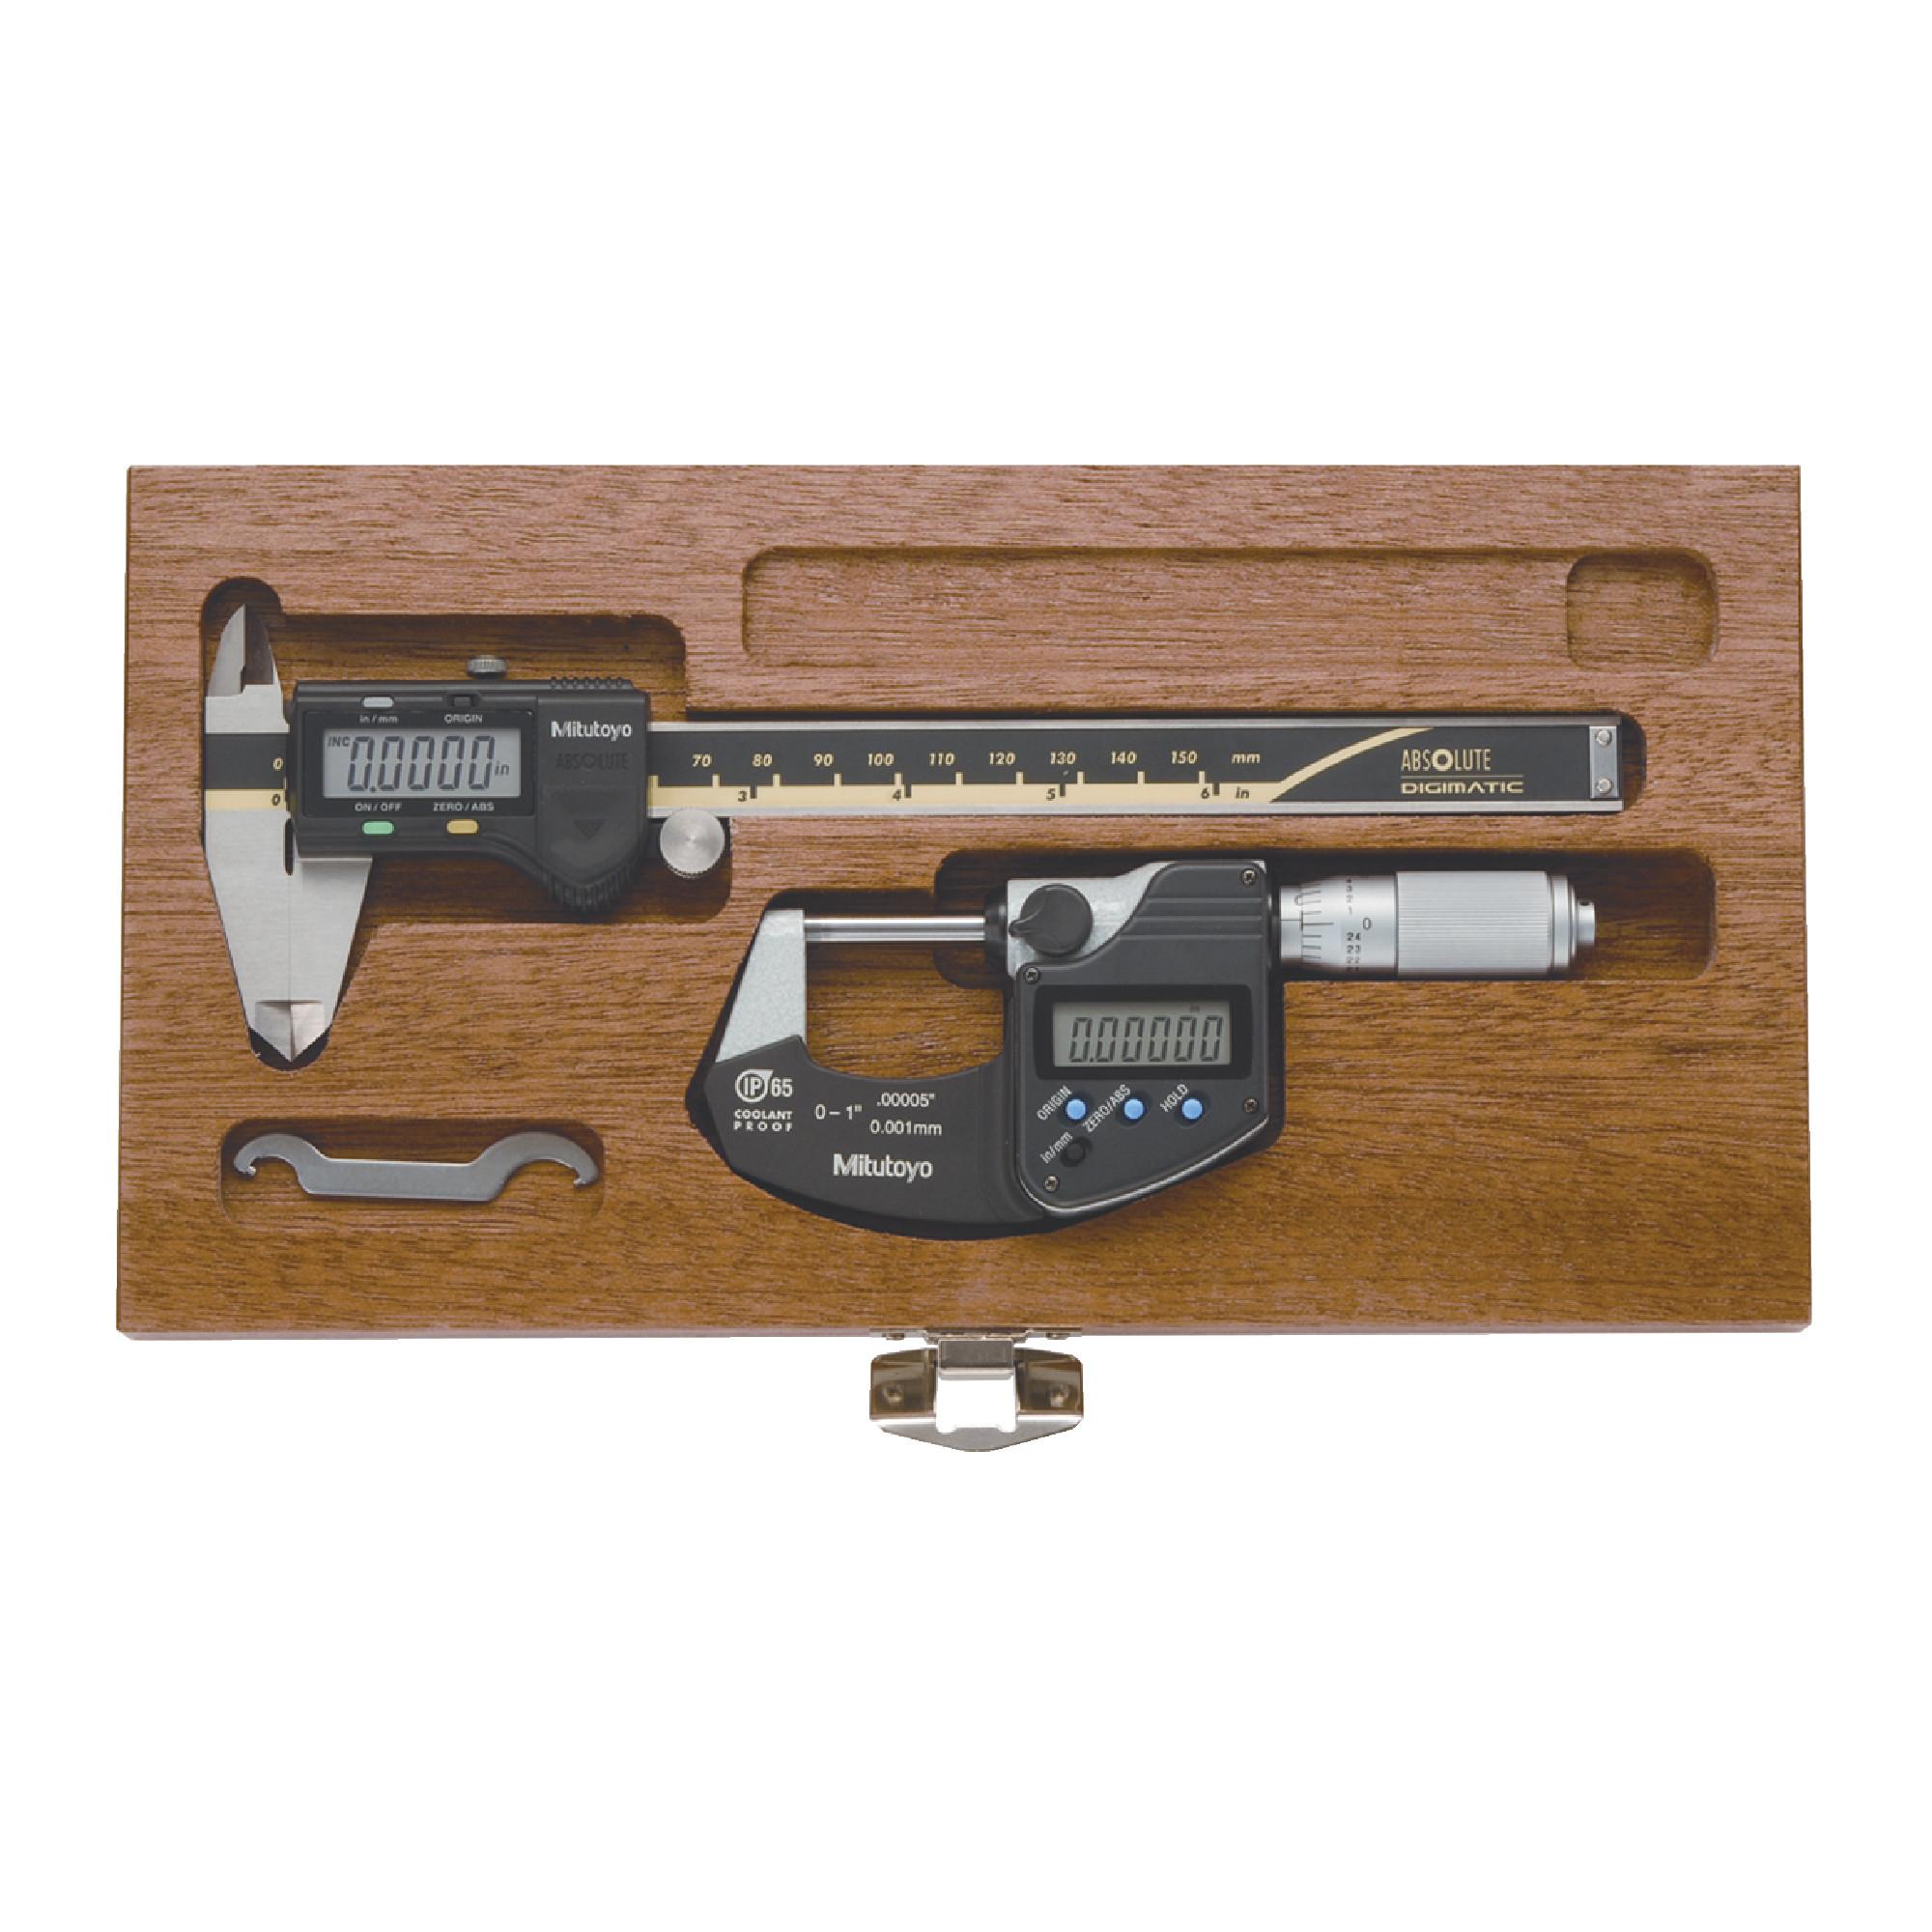 Digital Caliper & Micrometer Set